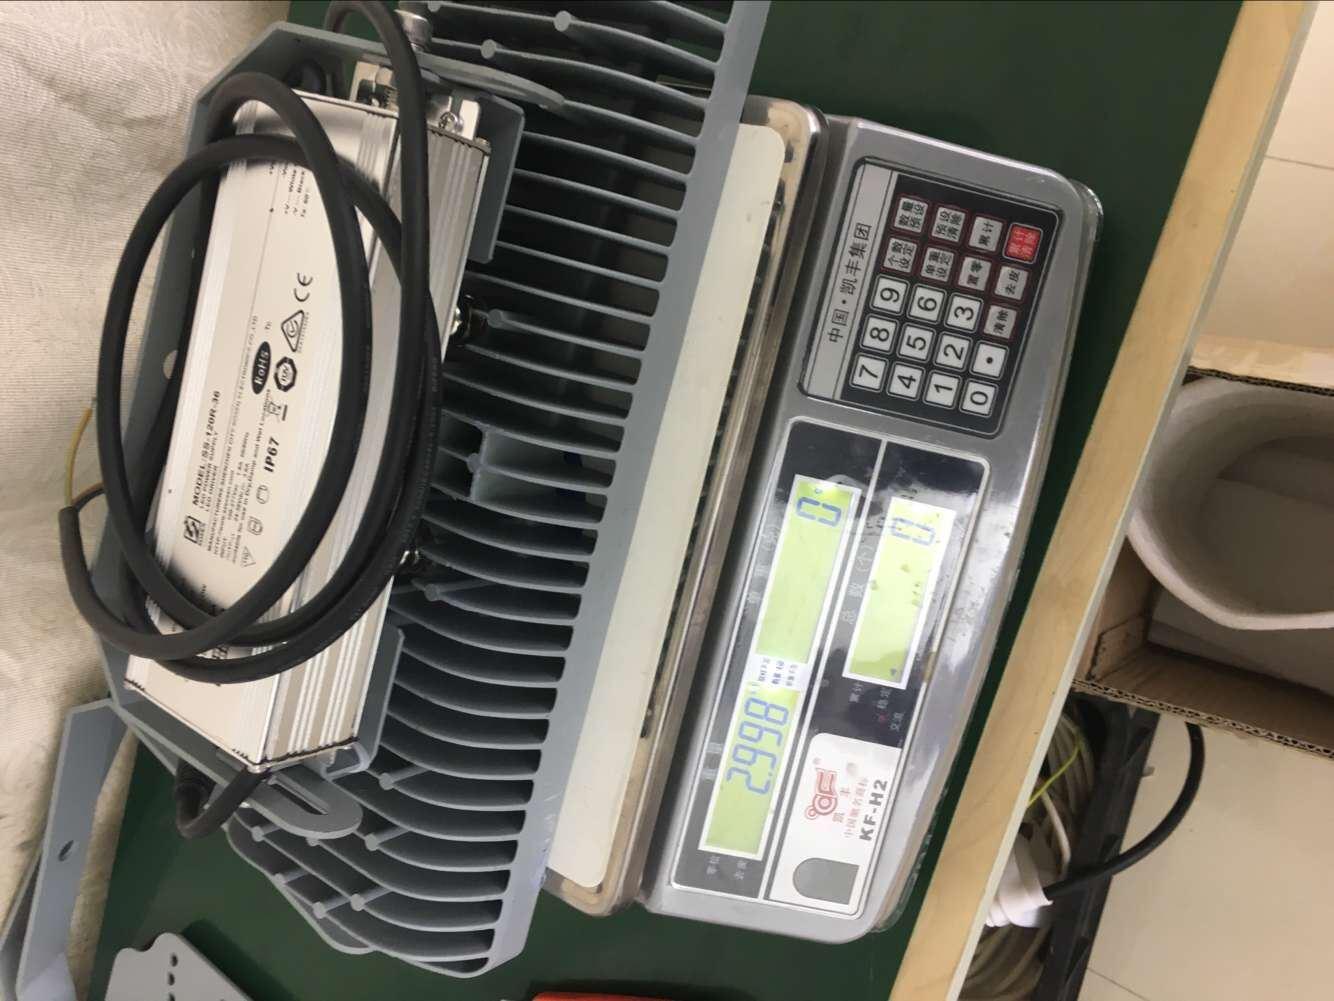 80W Outdoor Quake-Proof LED Flood Light (BTZ 220/80 50)